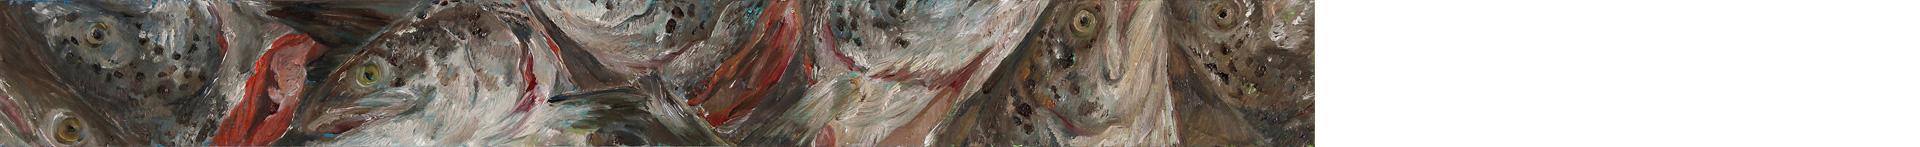 Lachskopffries 3, 2019, 90 x 10 cm, Öl auf MDF